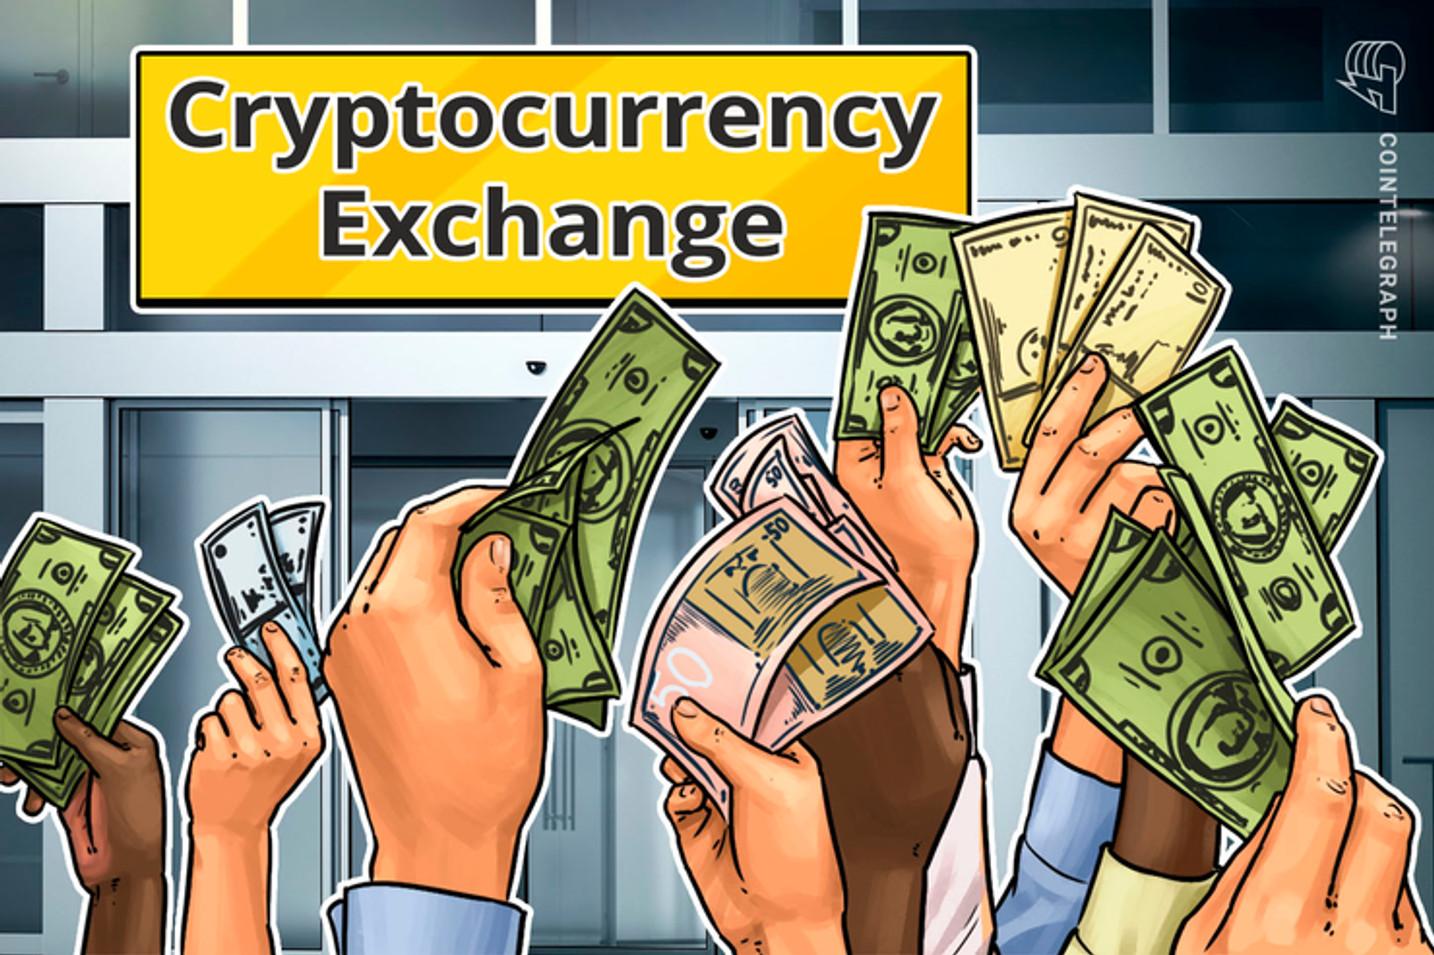 Exchange brasileira oferece R$ 40 para usuários comprarem Bitcoin em ação de marketing